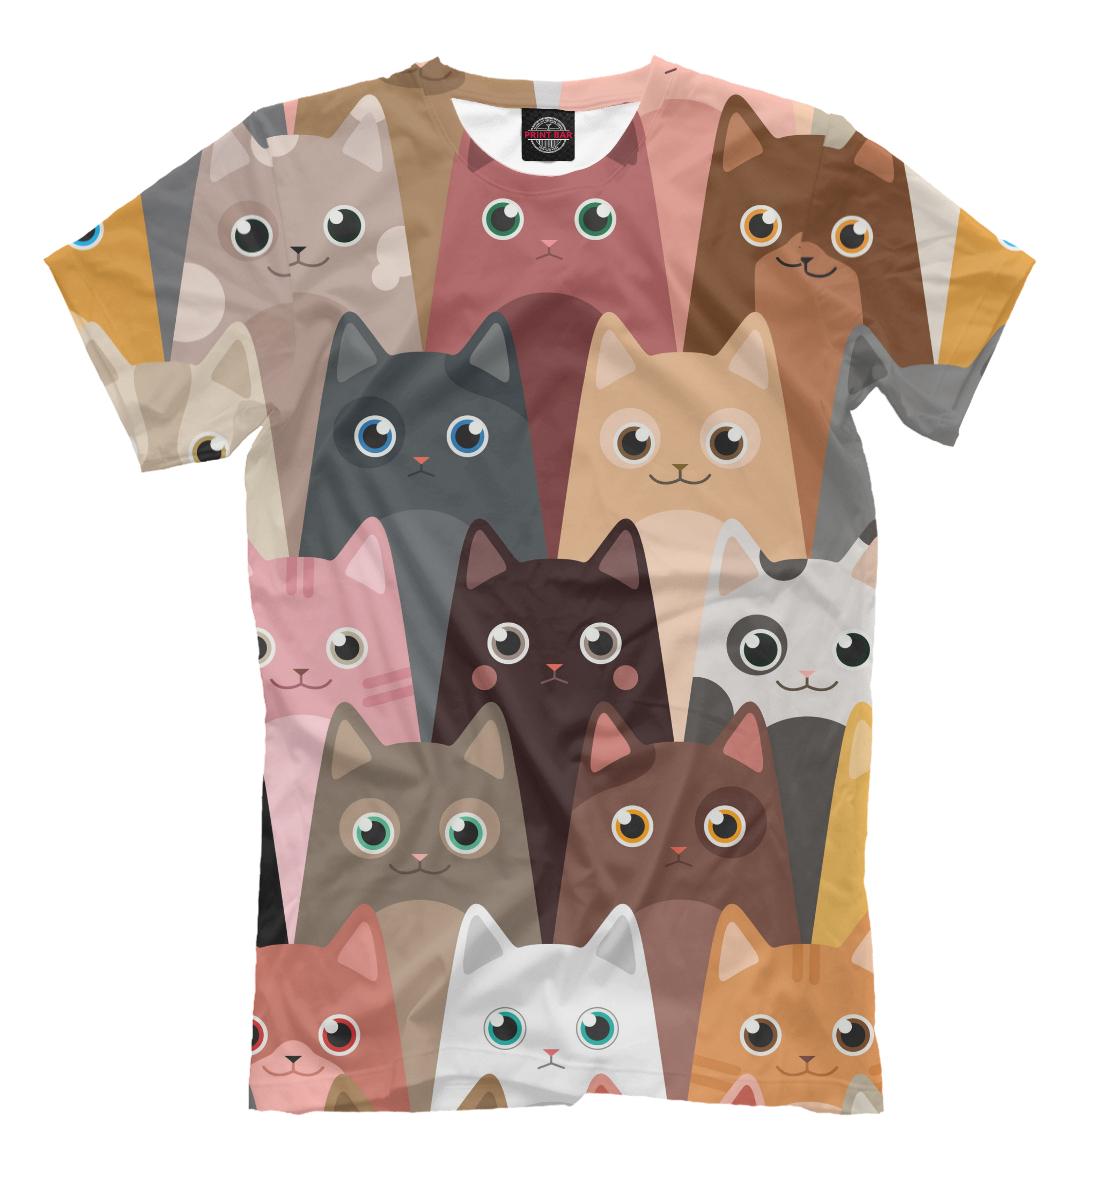 Мультяшные кошки, Printbar, Футболки, CAT-694431-fut-2  - купить со скидкой